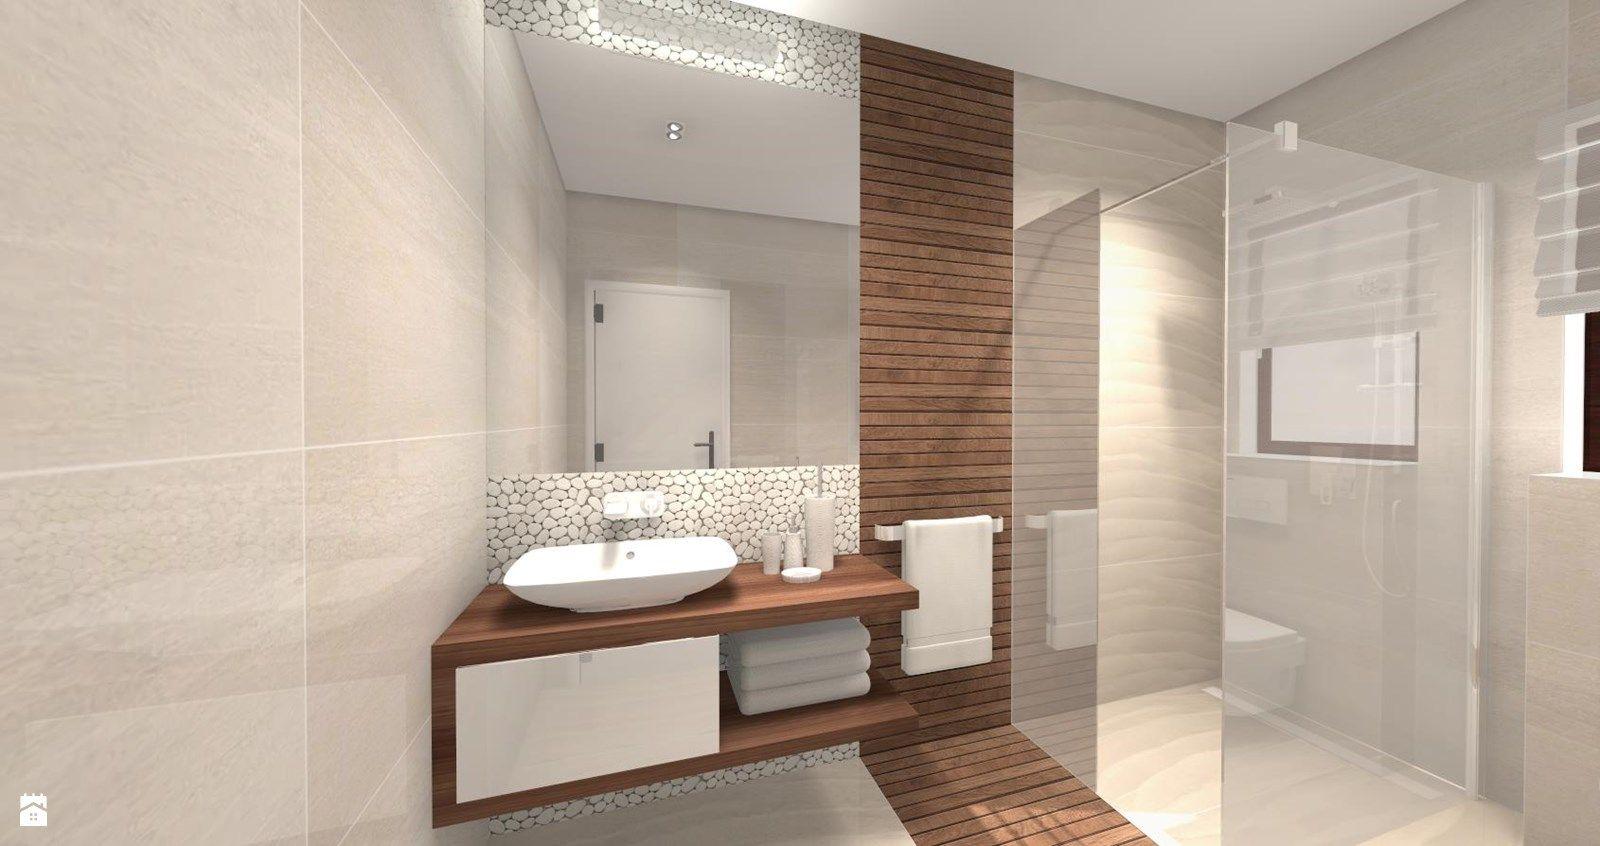 Wystroj Wnetrz Lazienka Styl Skandynawski Projekty I Aranzacje Najlepszych Designerow P Small Bathroom Styles Bathroom Design Small Small Master Bathroom